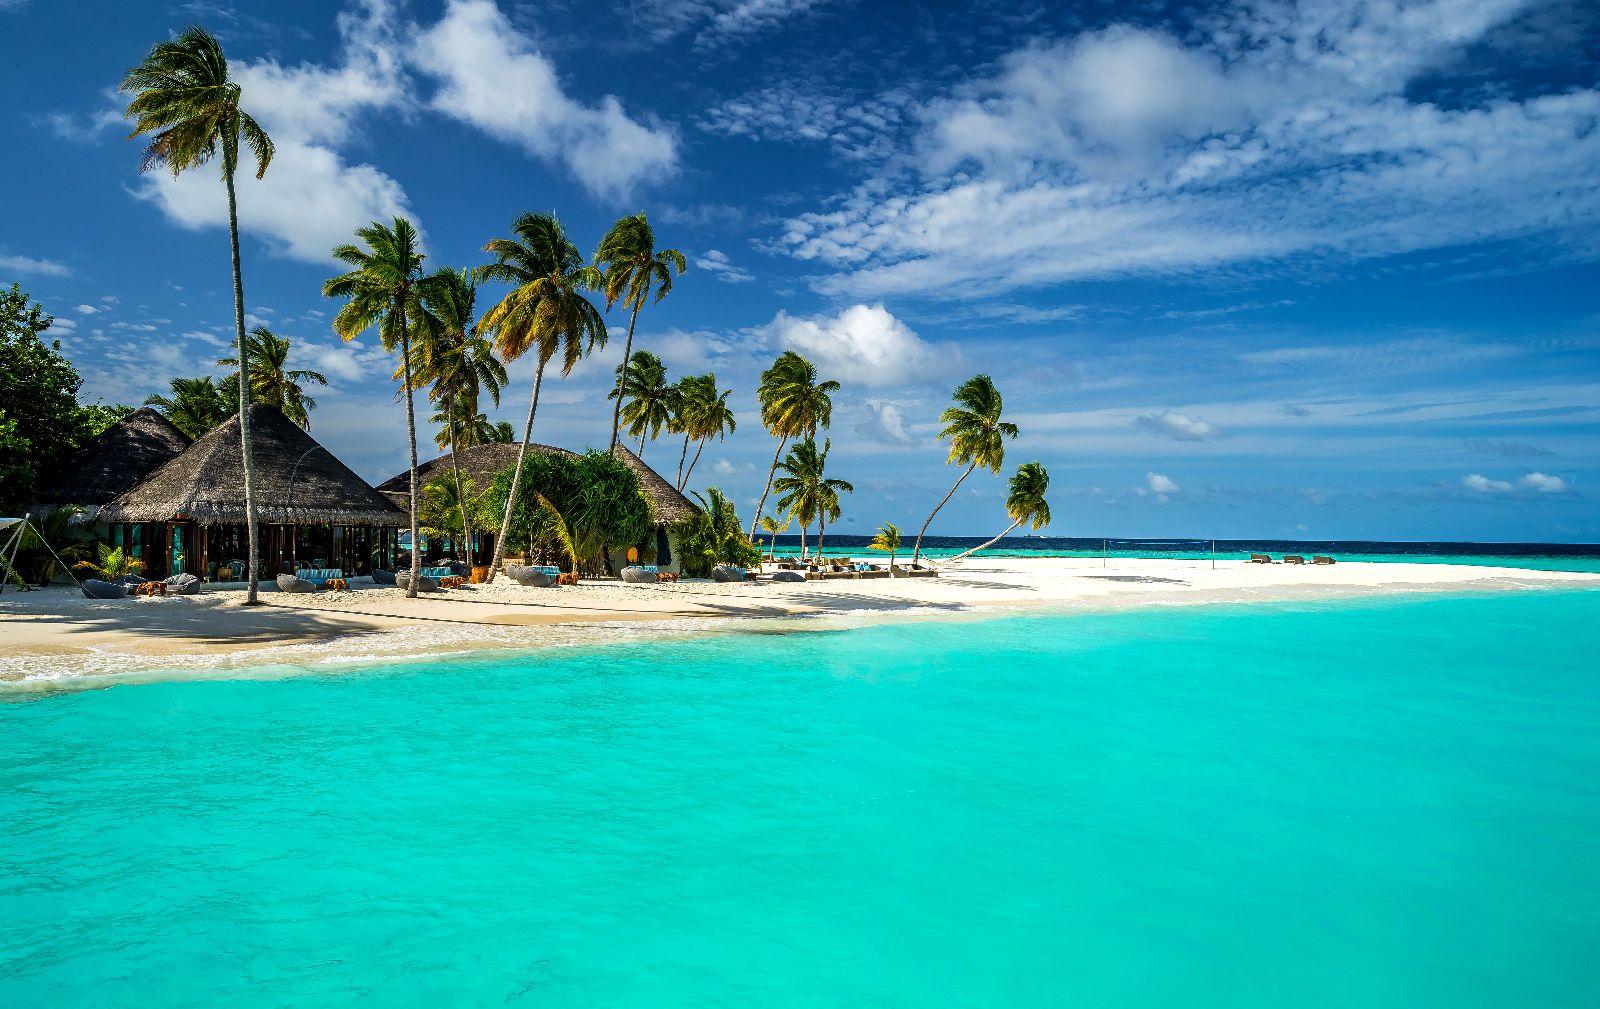 Жизнь в раю: работа на Мальдивах